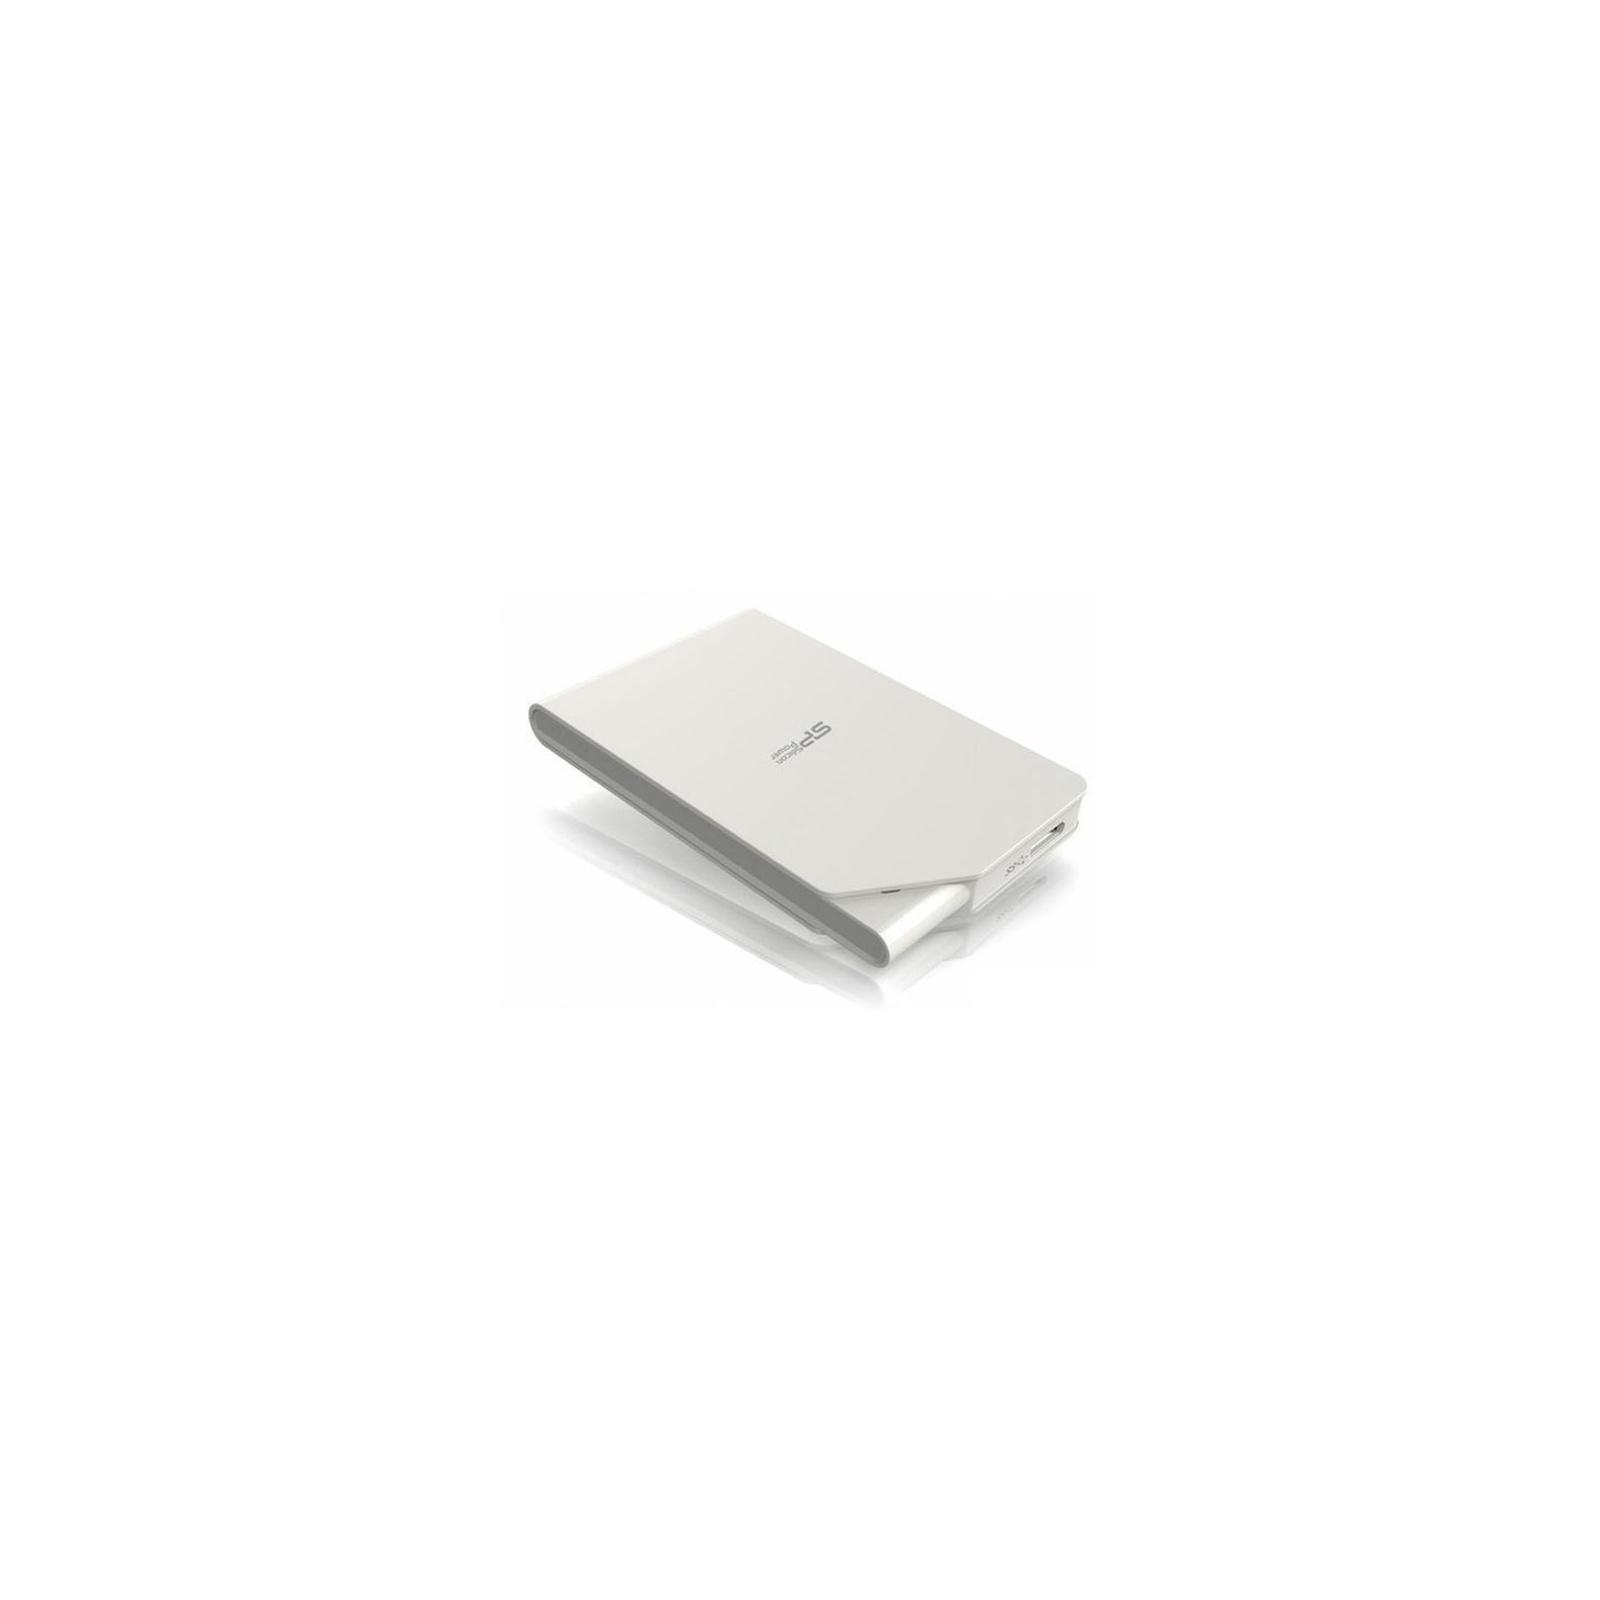 """Внешний жесткий диск 2.5"""" 2TB Silicon Power (SP020TBPHDS03S3W) изображение 2"""